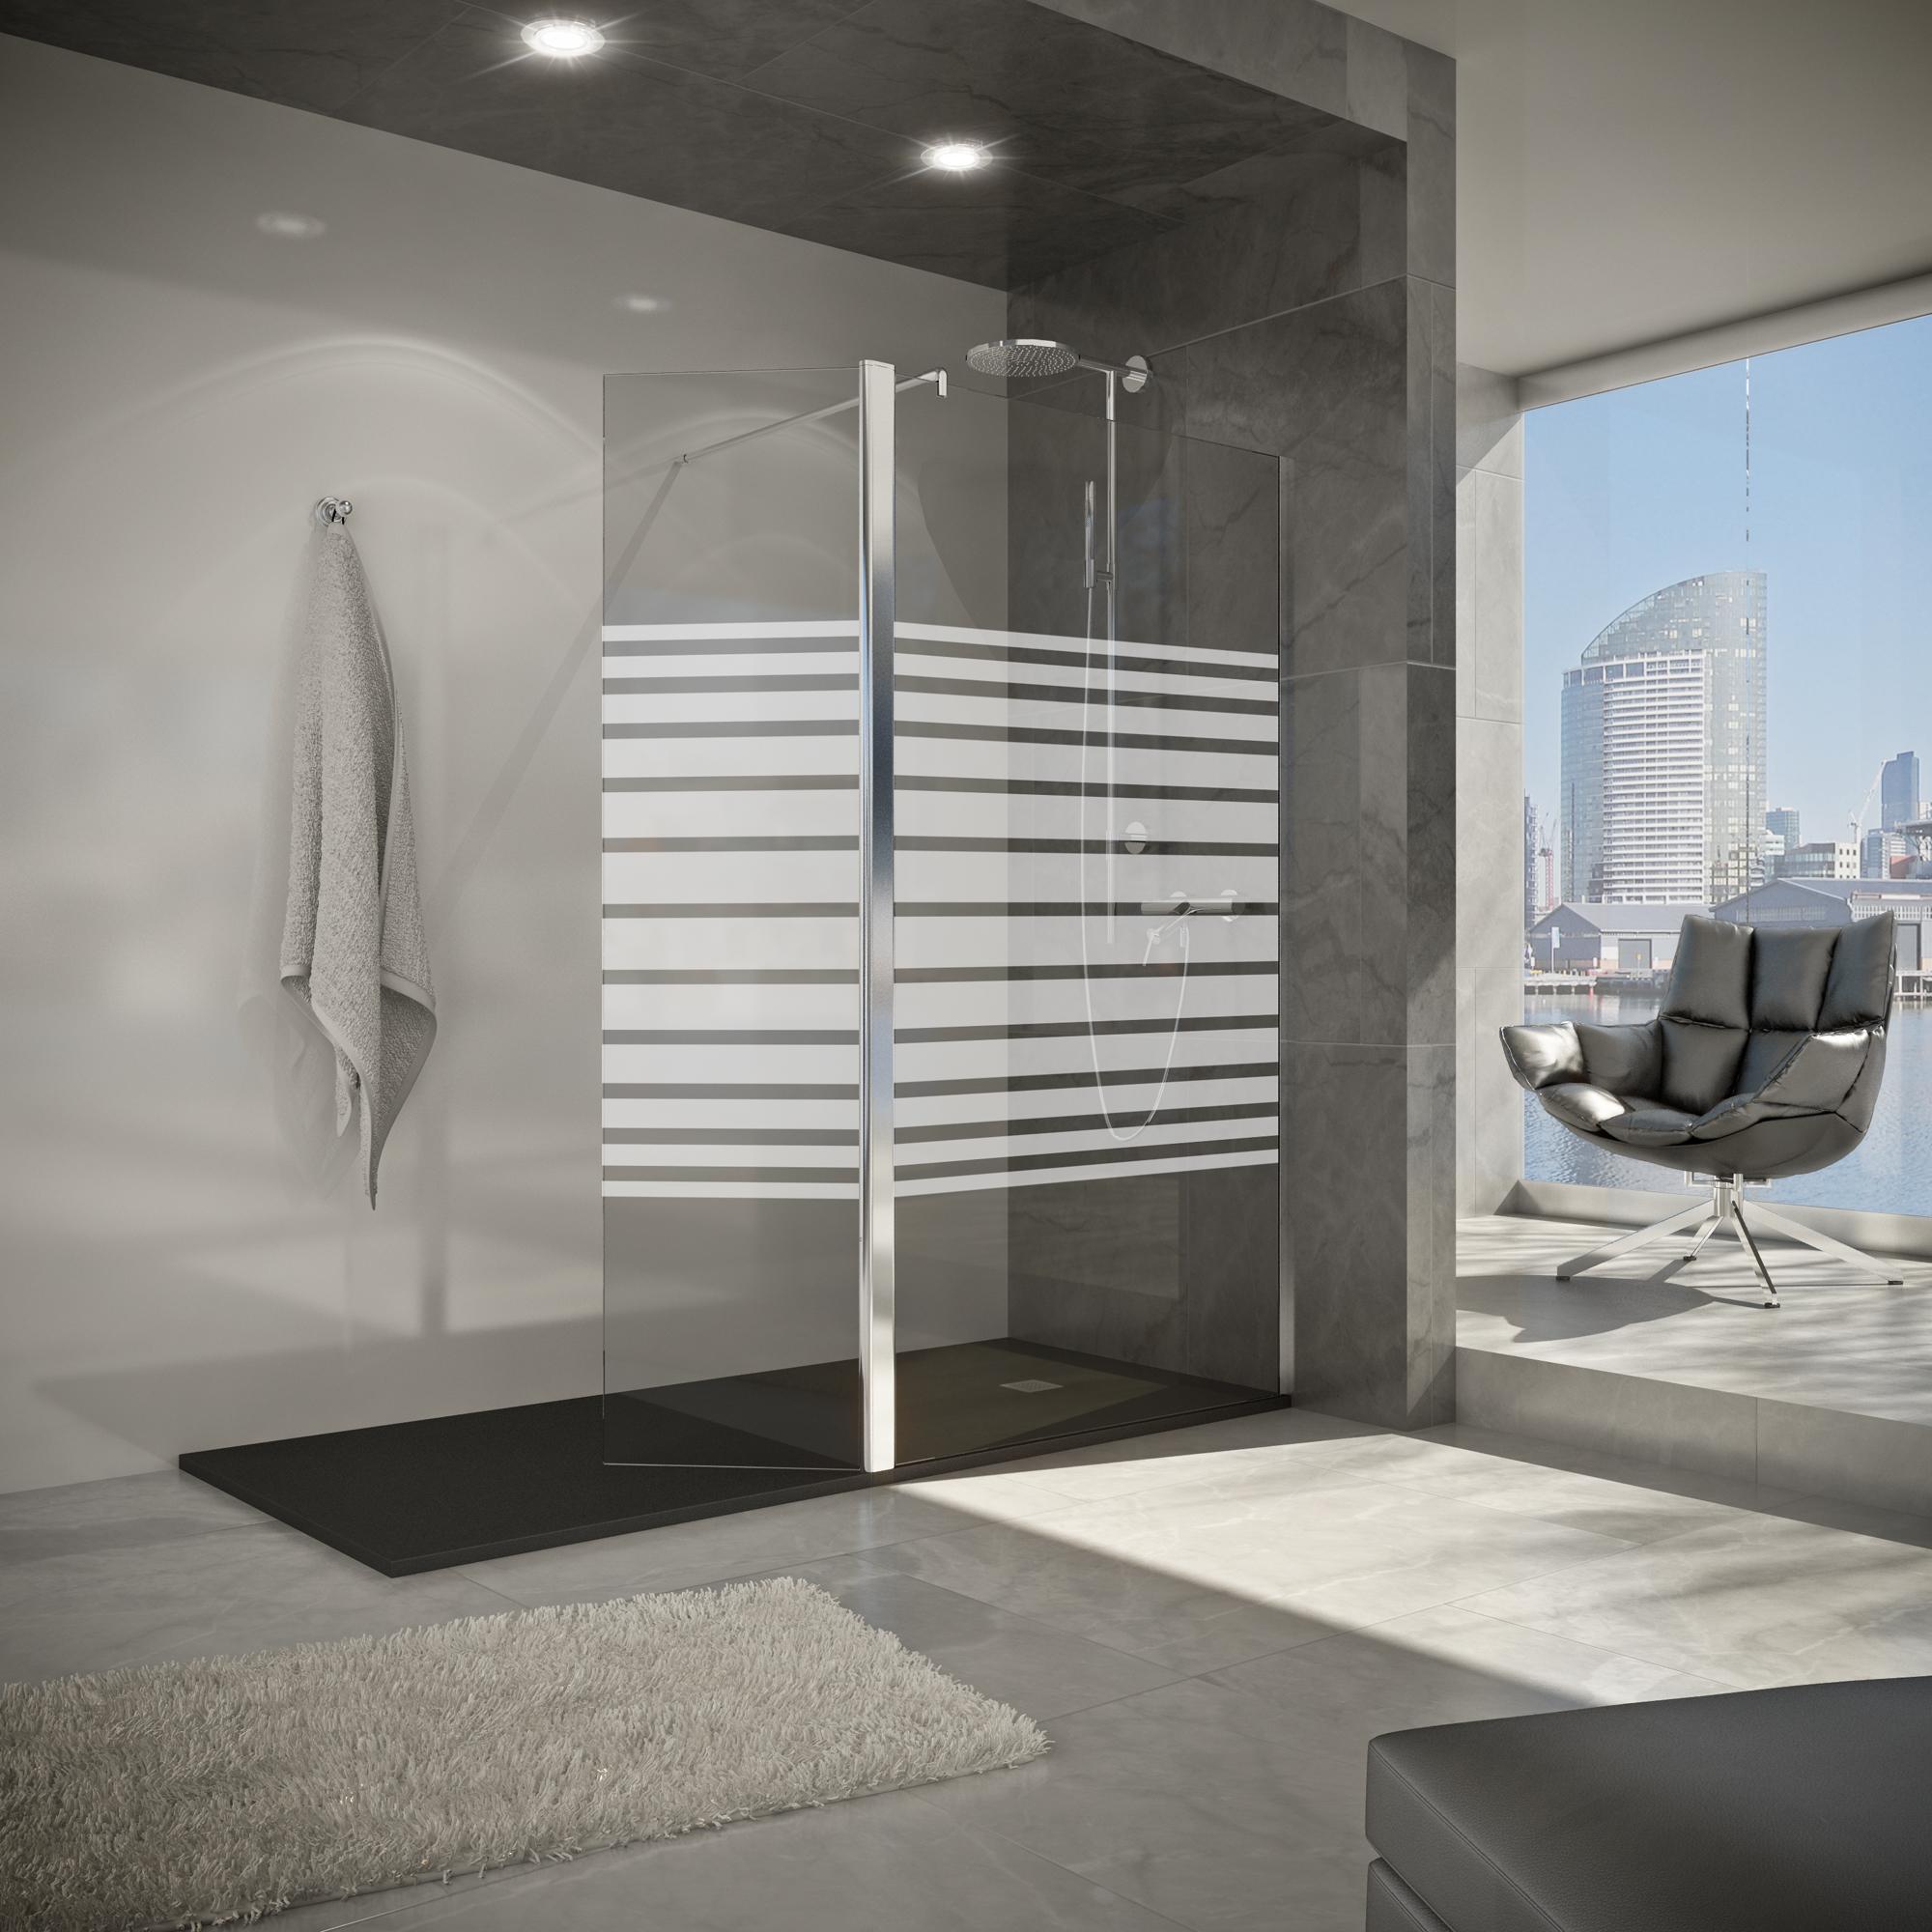 Mamparas de ducha mamparas de ducha baratas blog for Duchas de techo precio